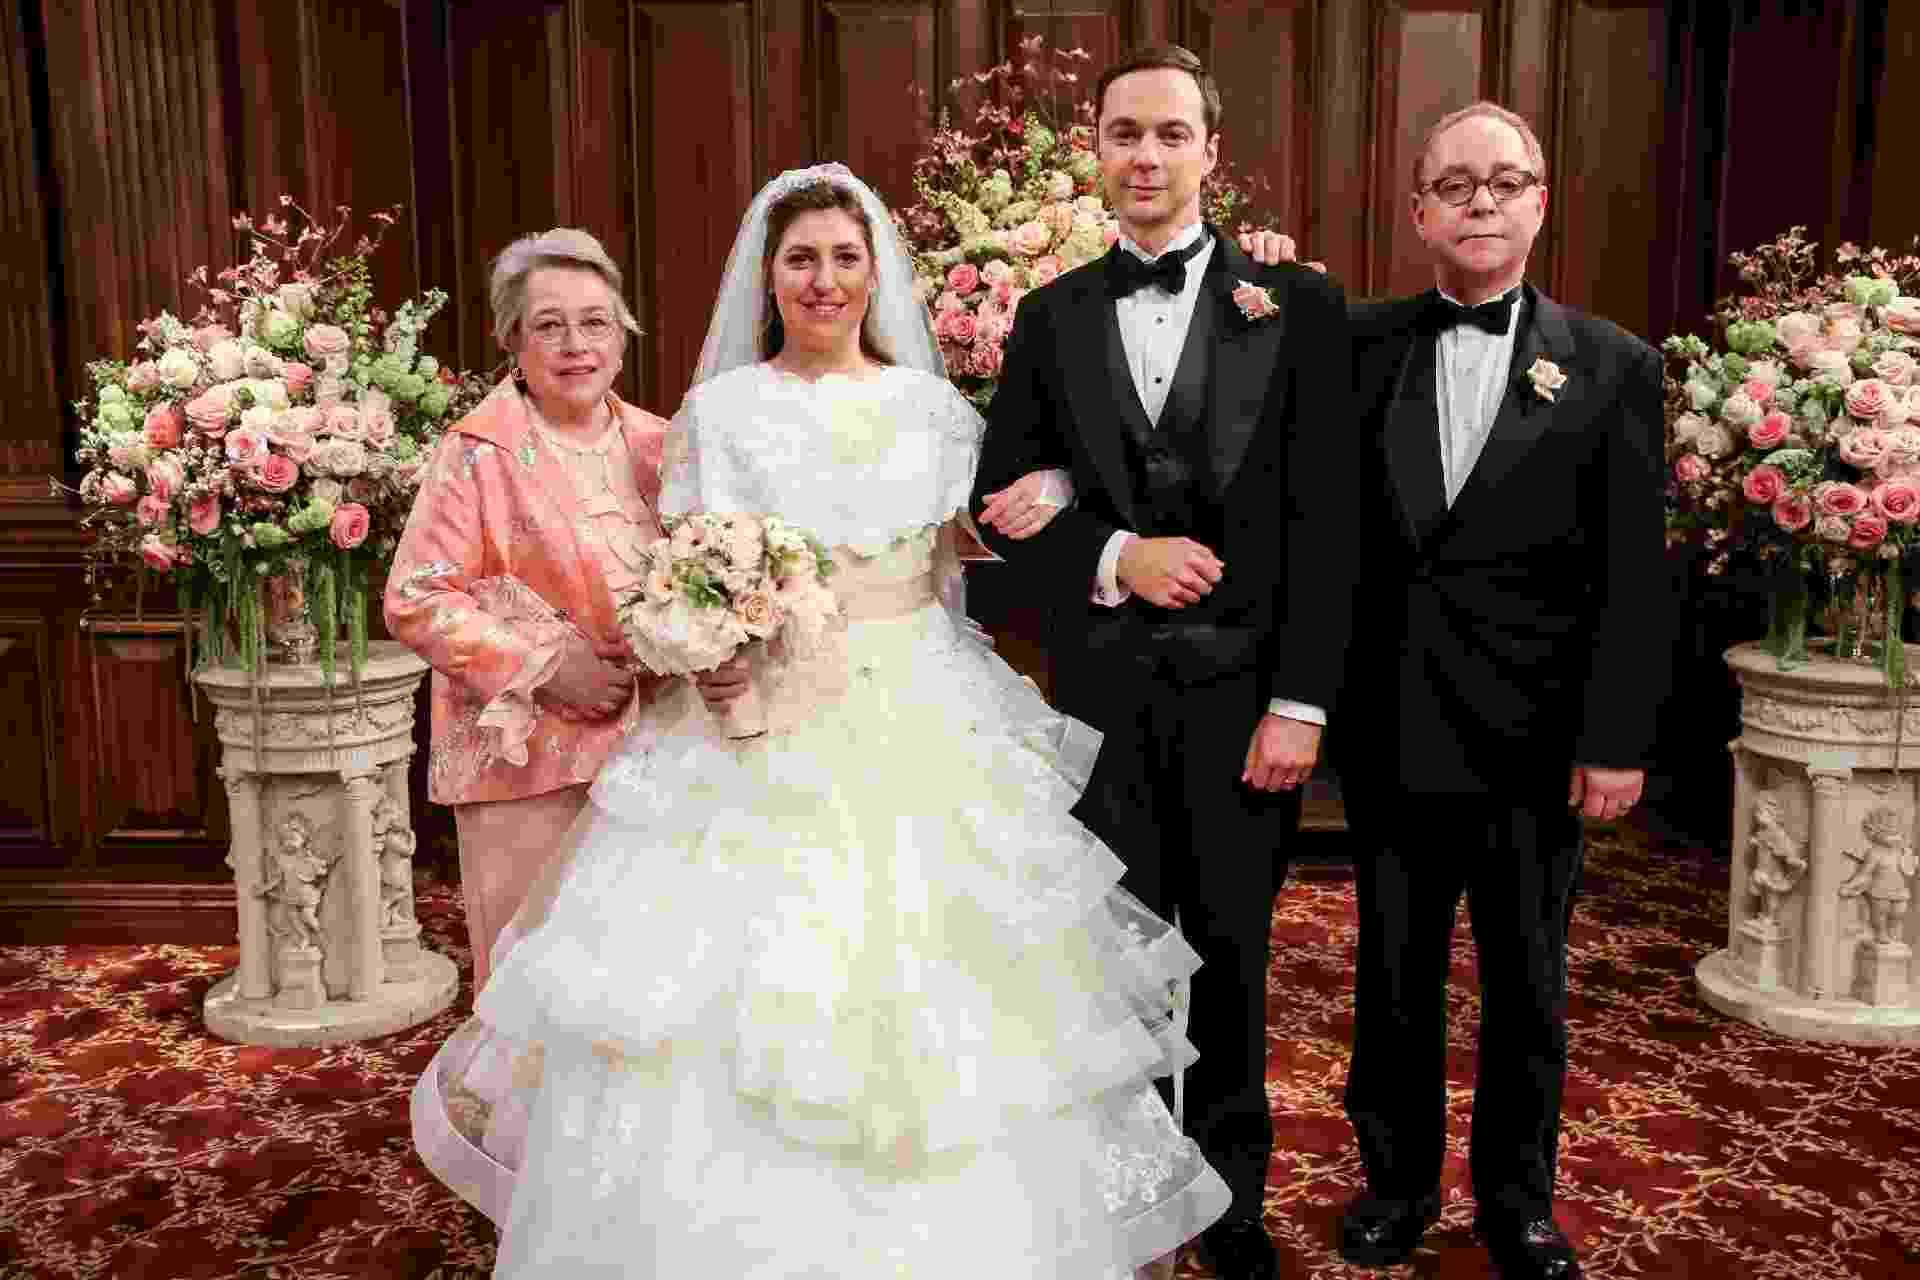 Amy (Mayim Bialik) e Sheldon (Jim Parsons) posam com os pais da noiva, interpretados pela atriz Kathy Bates e pelo ilusionista Teller - Divulgação